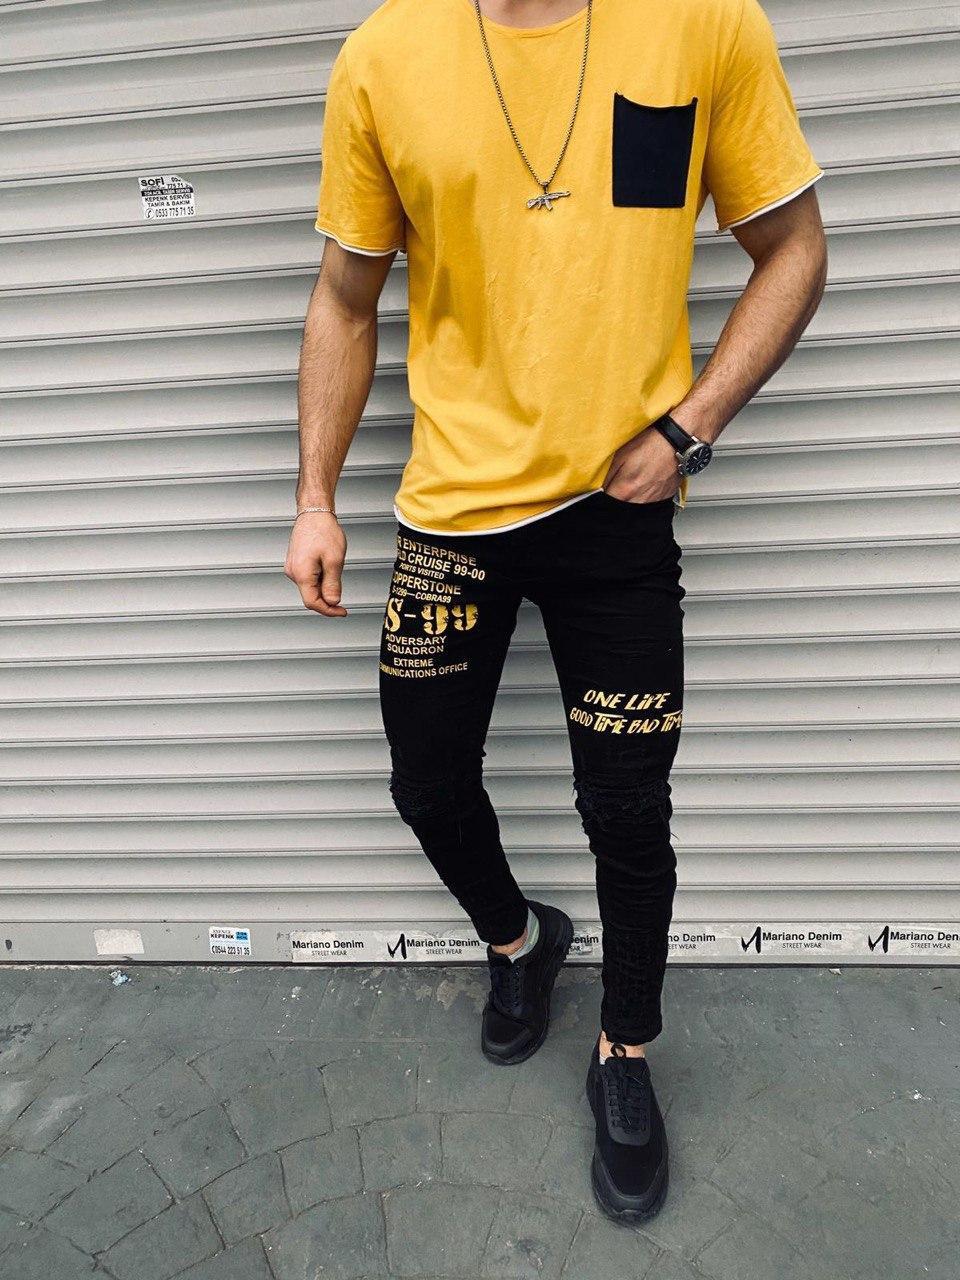 😝 Джинсы - Мужские штаны (черные) с желтой надписью S-99